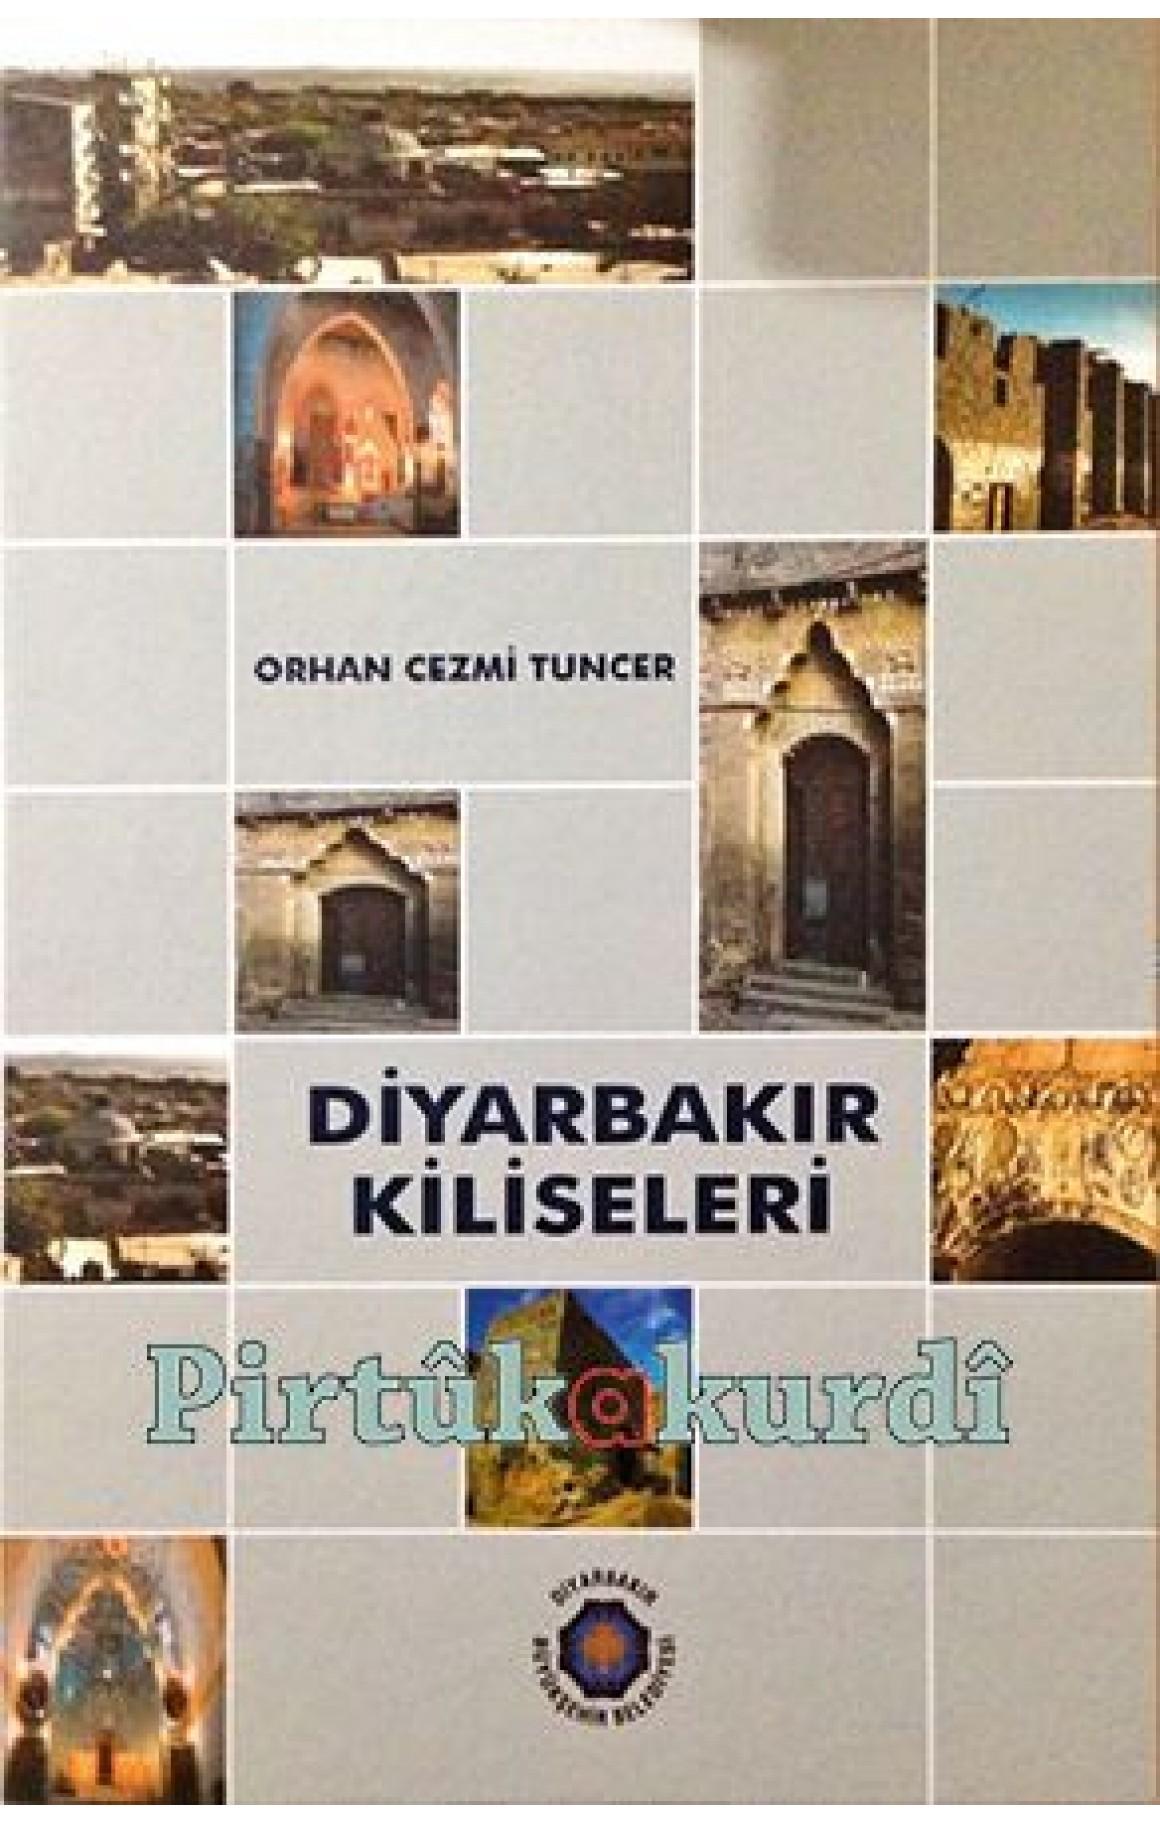 Diyarbakır Kiliseleri